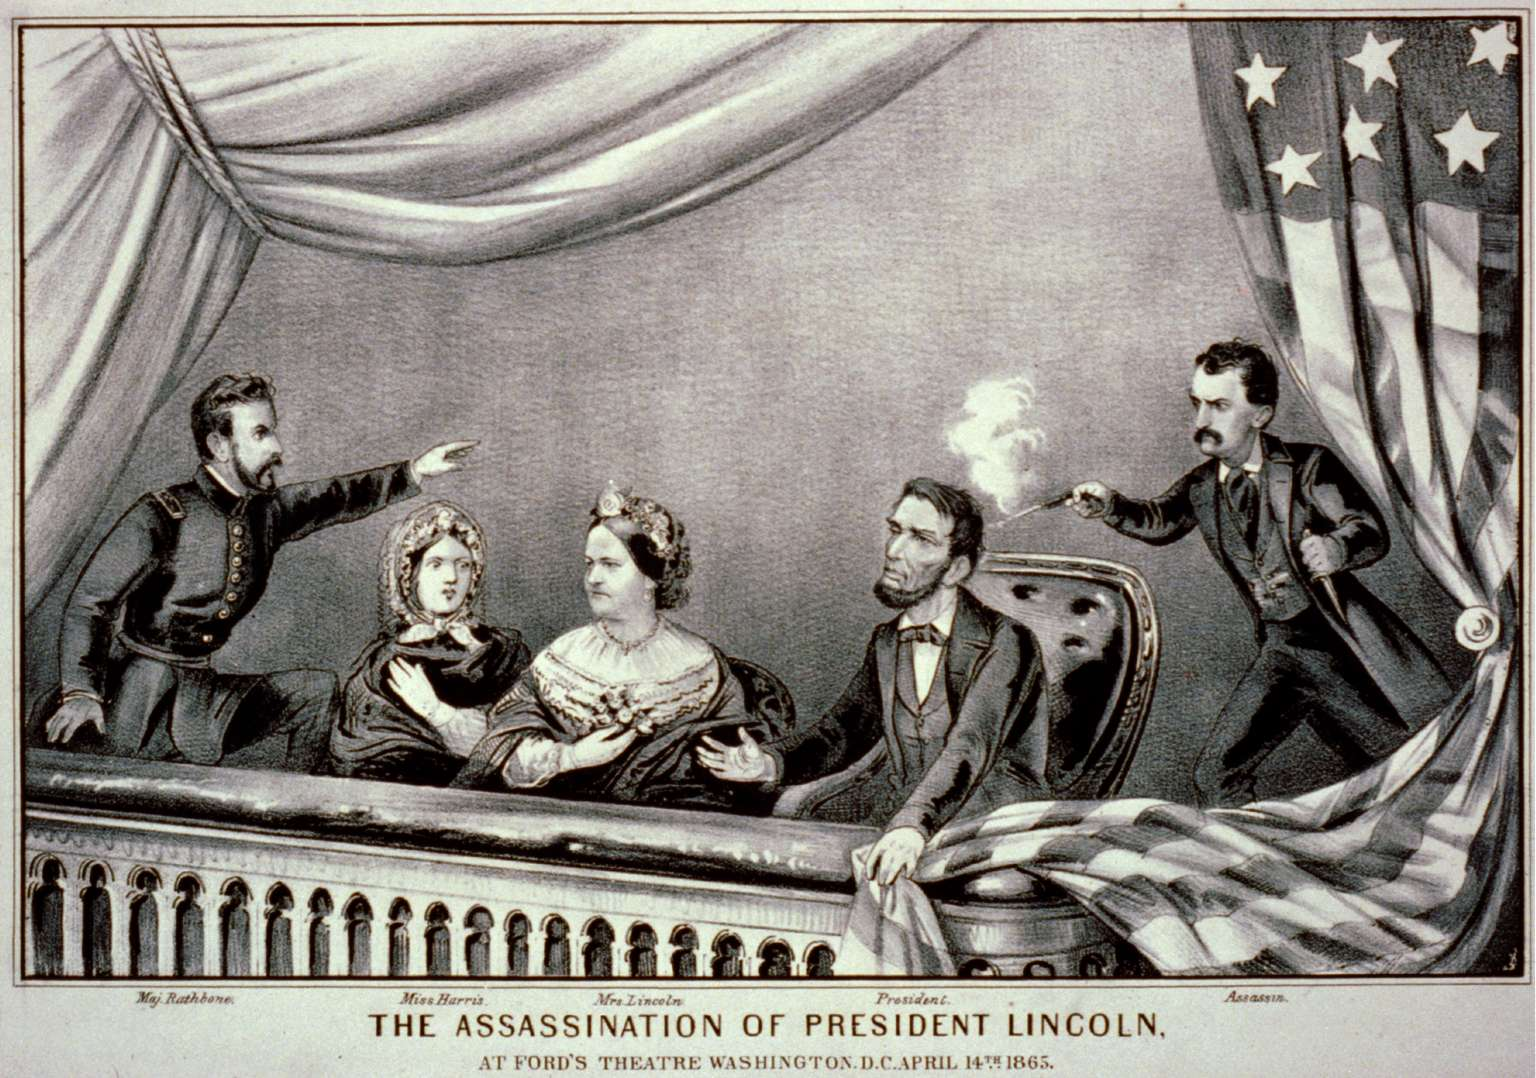 Une gravure de l'assassinat de Lincoln, par Currier & Ives, 1865. © Bibliothèque du Congrès, Wikimedia Commons, Domaine public